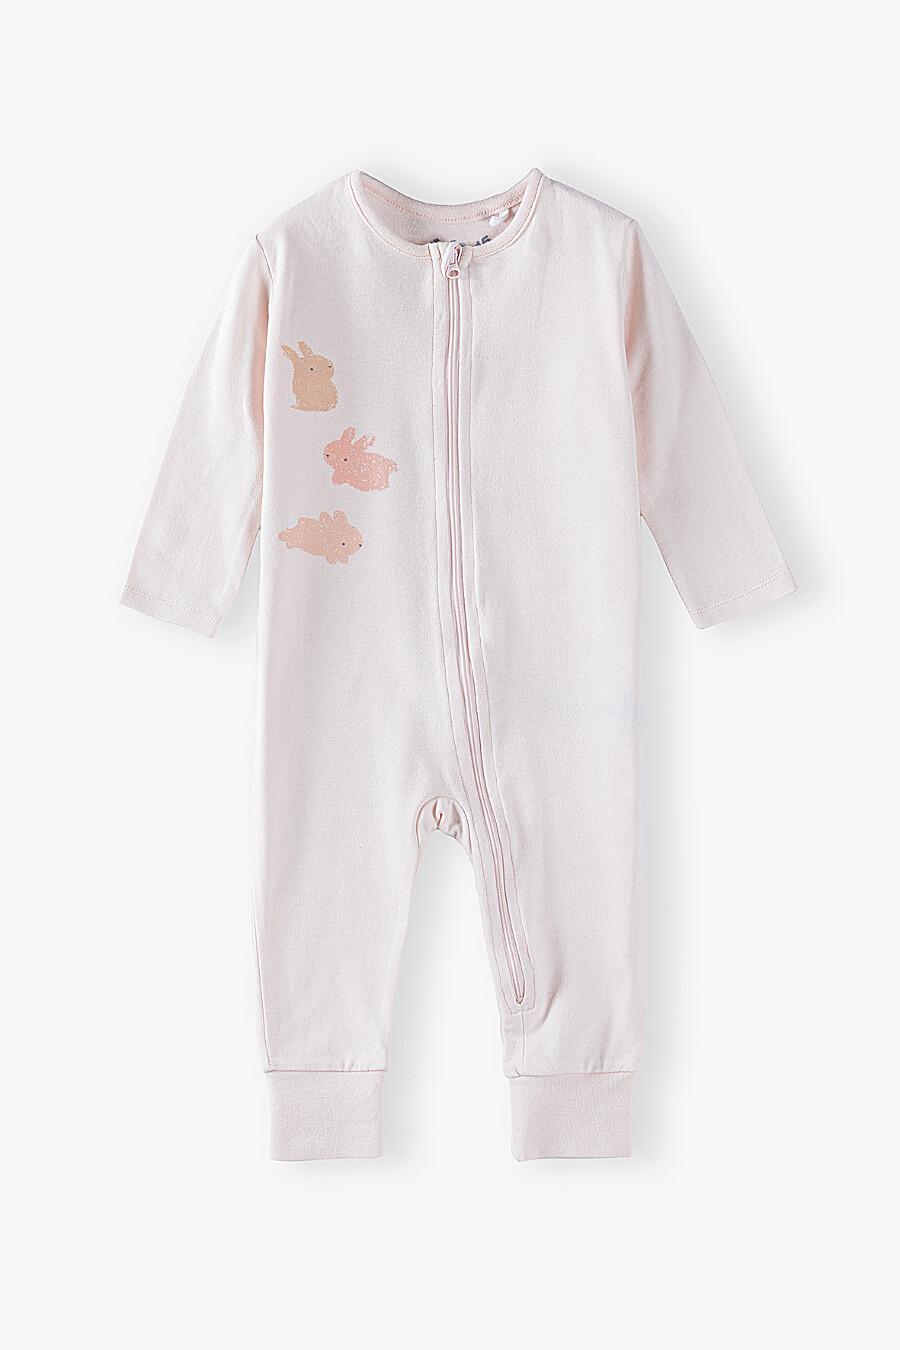 Комбинезон для девочек 5.10.15 699868 купить оптом от производителя. Совместная покупка детской одежды в OptMoyo